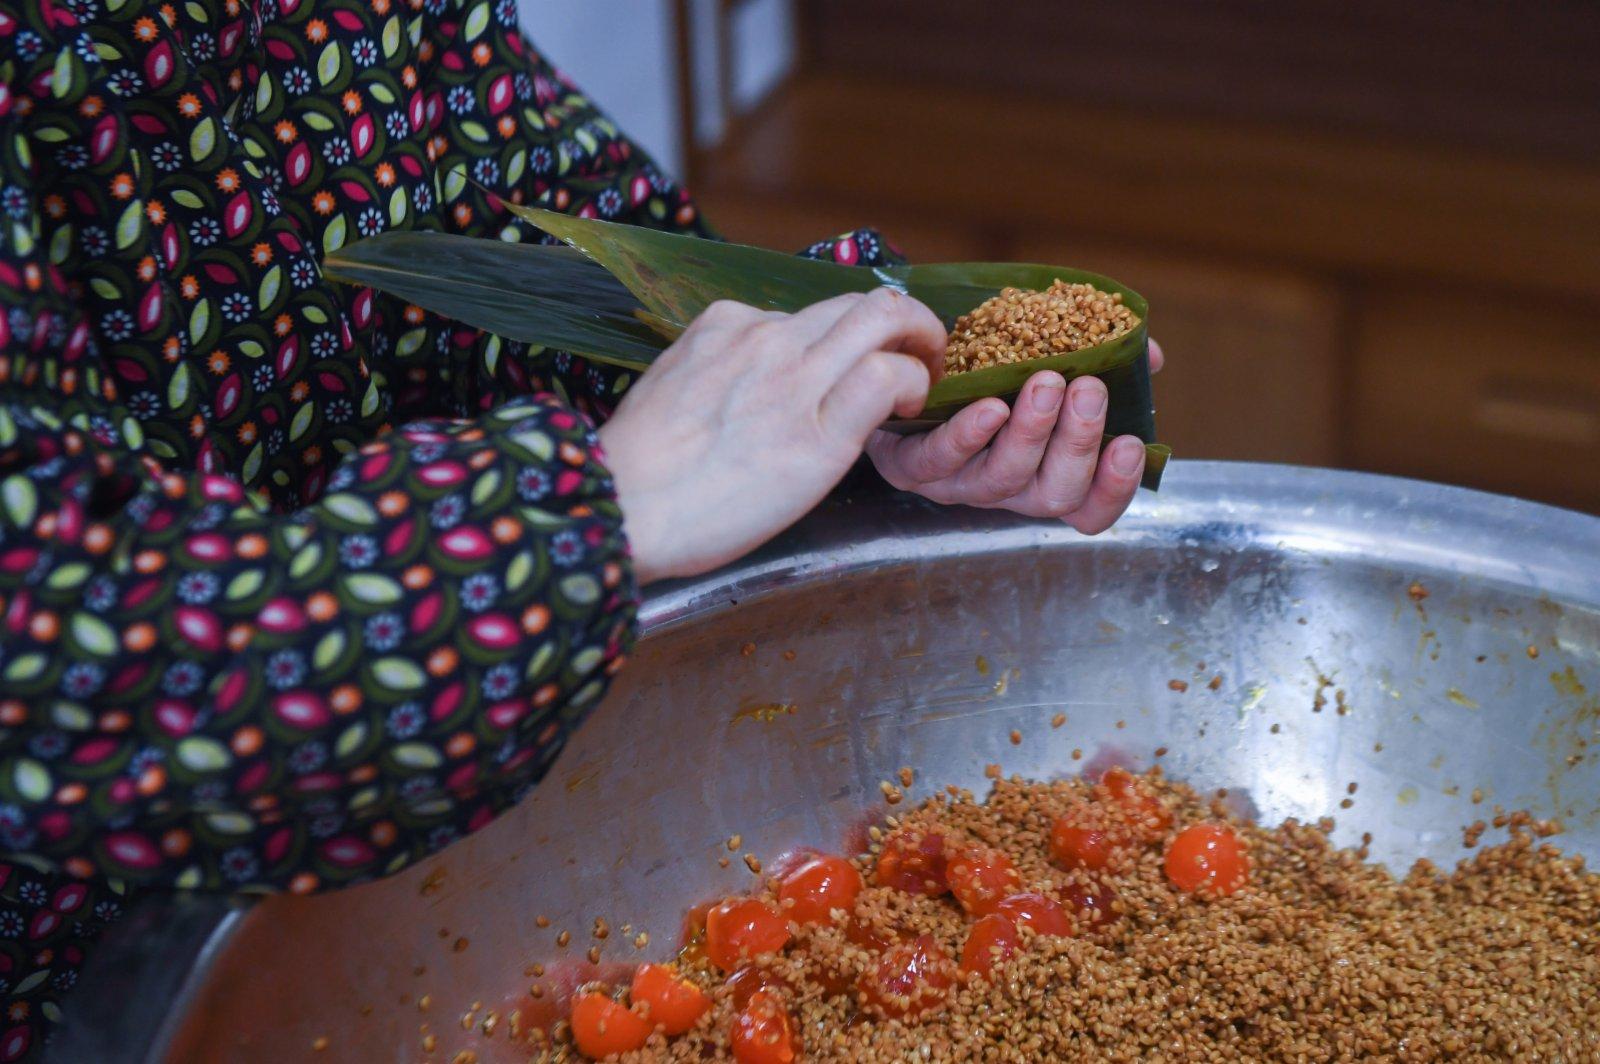 6月8日,湖源鄉窈口村村民在製作不同口味的灰湯粽,作為端午節特色旅遊商品銷售給遊客。(新華社)